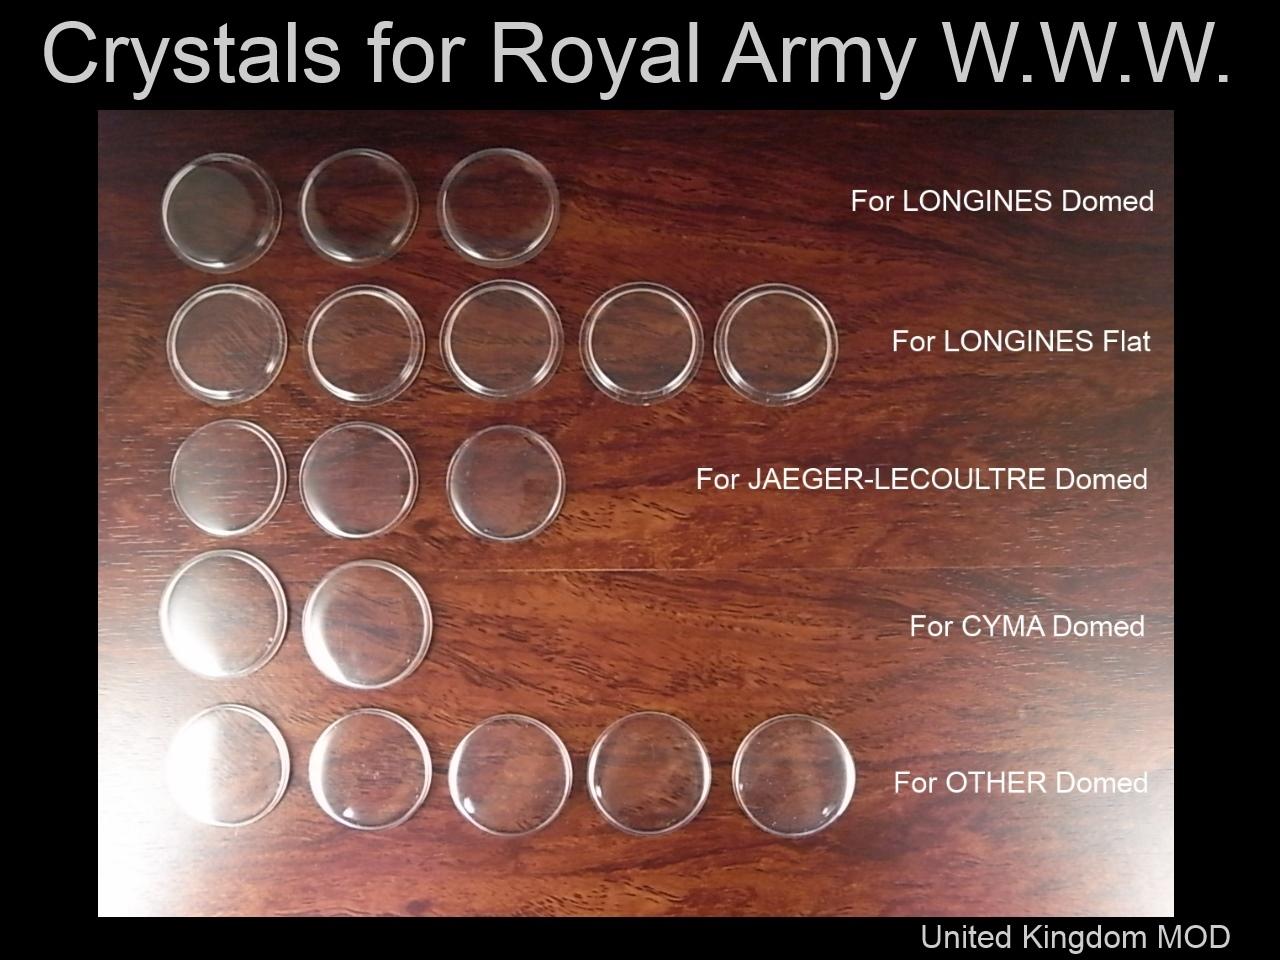 イギリス陸軍 W.W.W.用デッドストック風防の入手!